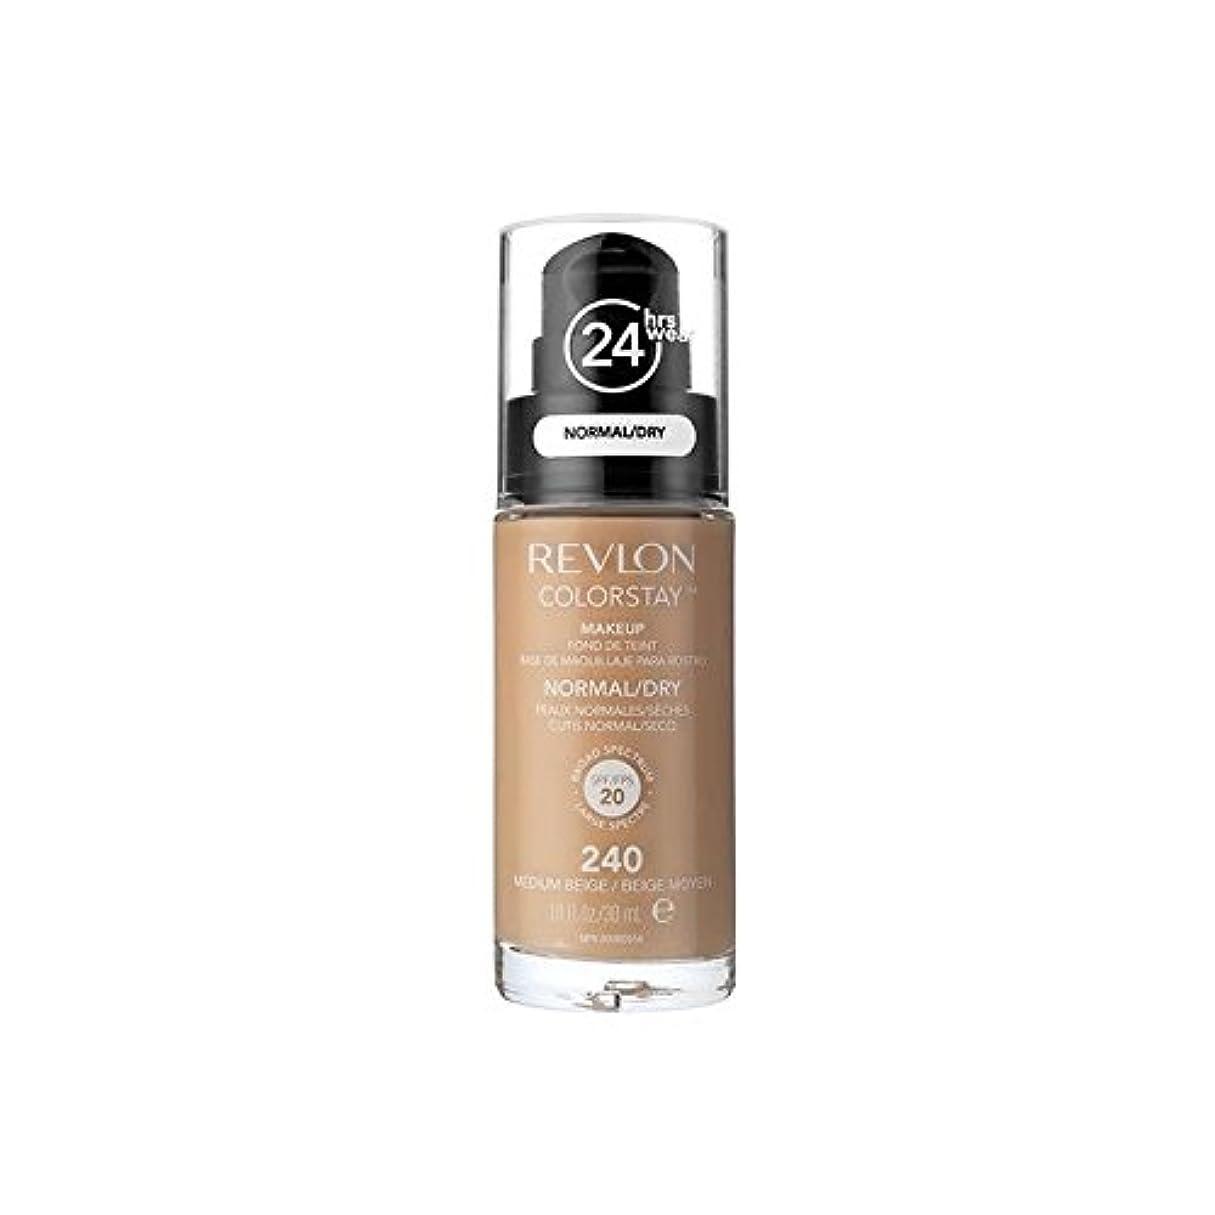 見分けるダウン開拓者Revlon Colorstay Foundation Normal Dry Skin Medium Beige (Pack of 6) - レブロンの基礎通常の乾燥肌メディアベージュ x6 [並行輸入品]